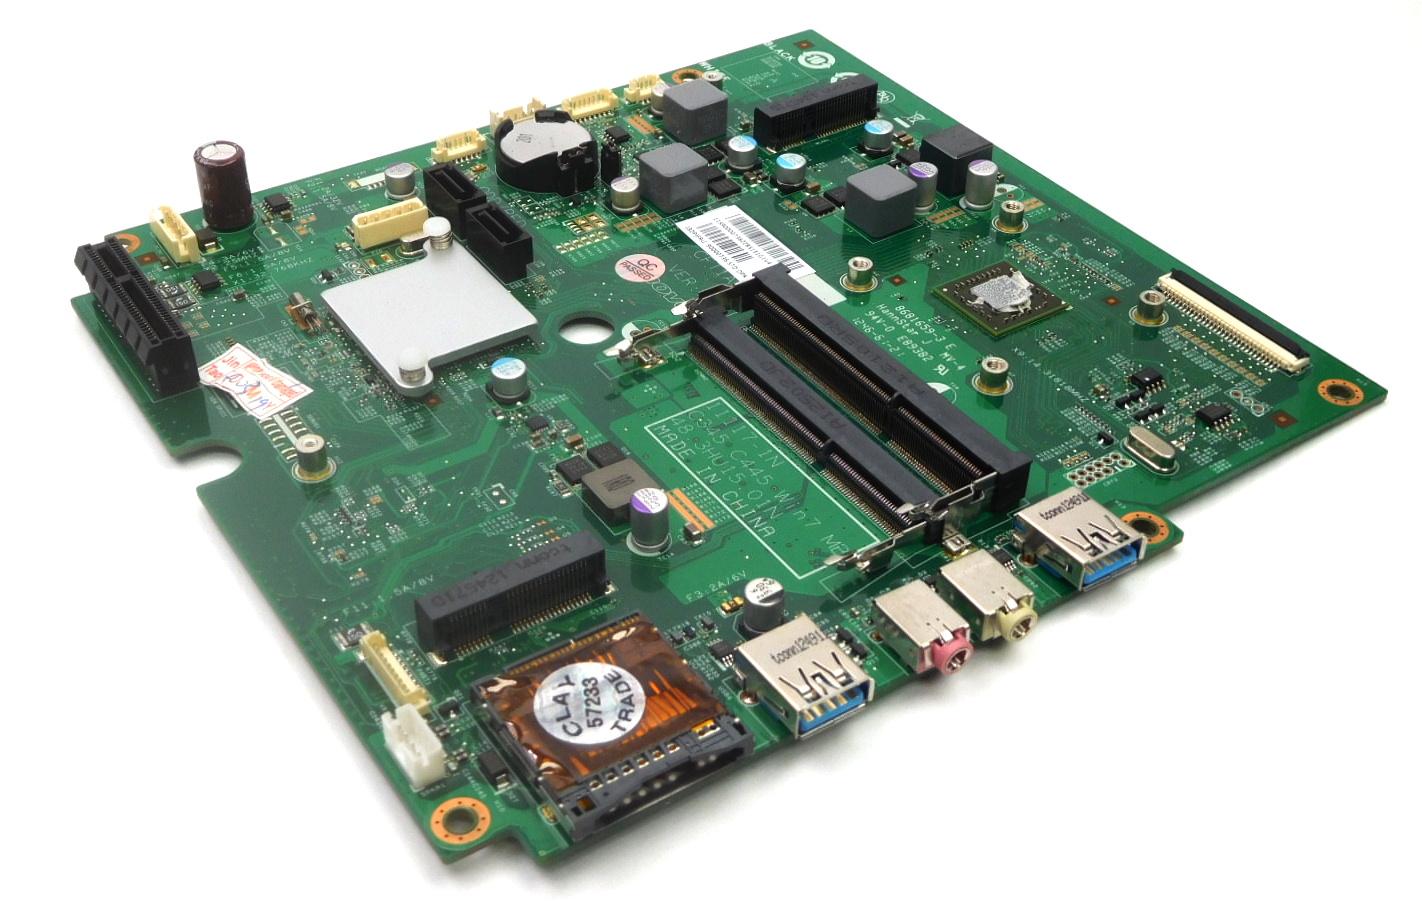 90000736 Lenovo CFT1A68S Motherboard 48.3HU05.01N w/ AMD E1-1200 APU